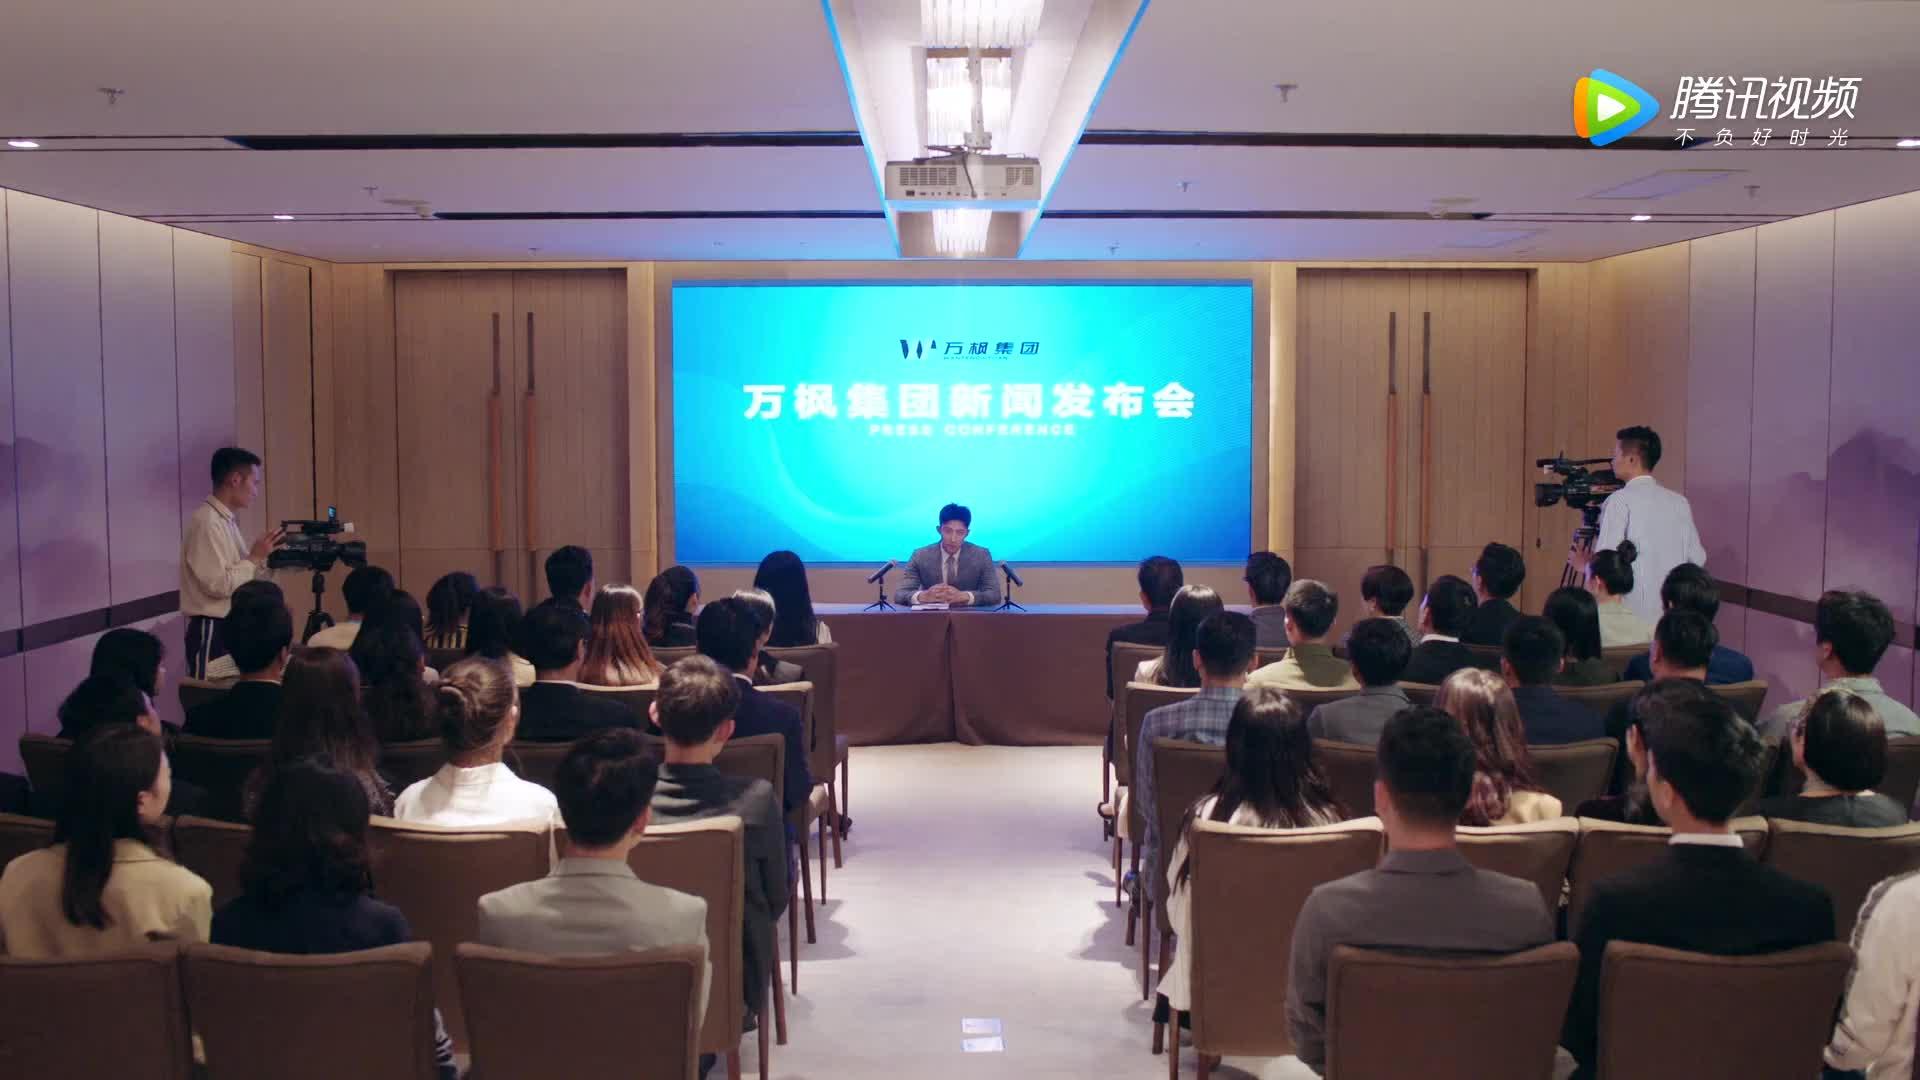 万枫集团召开新闻发布会,宋凛为事业与周放划清界限